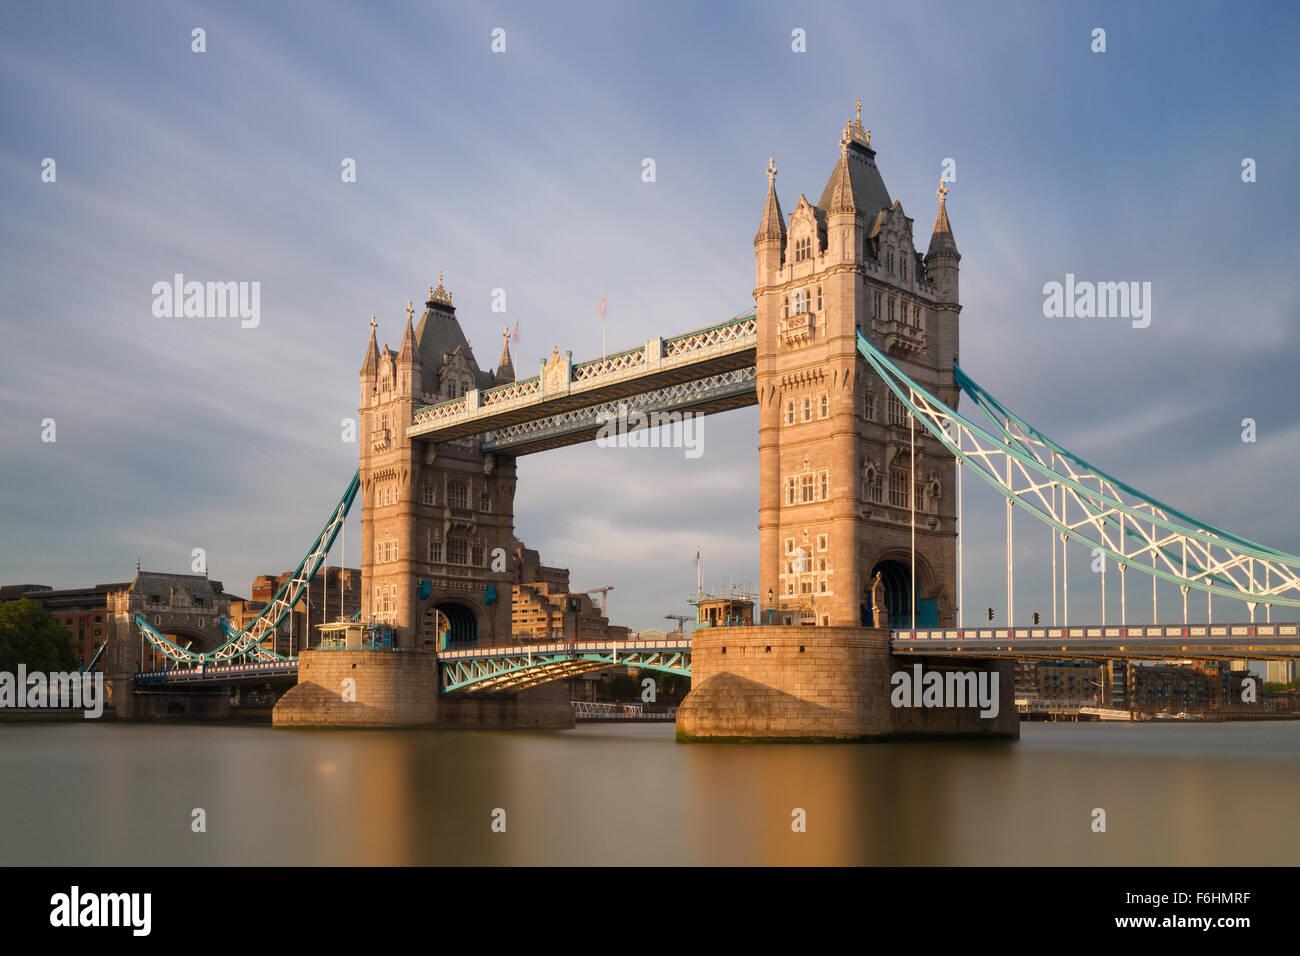 Il Tower Bridge nel sole della sera - una lunga esposizione versione, Londra, Inghilterra Immagini Stock